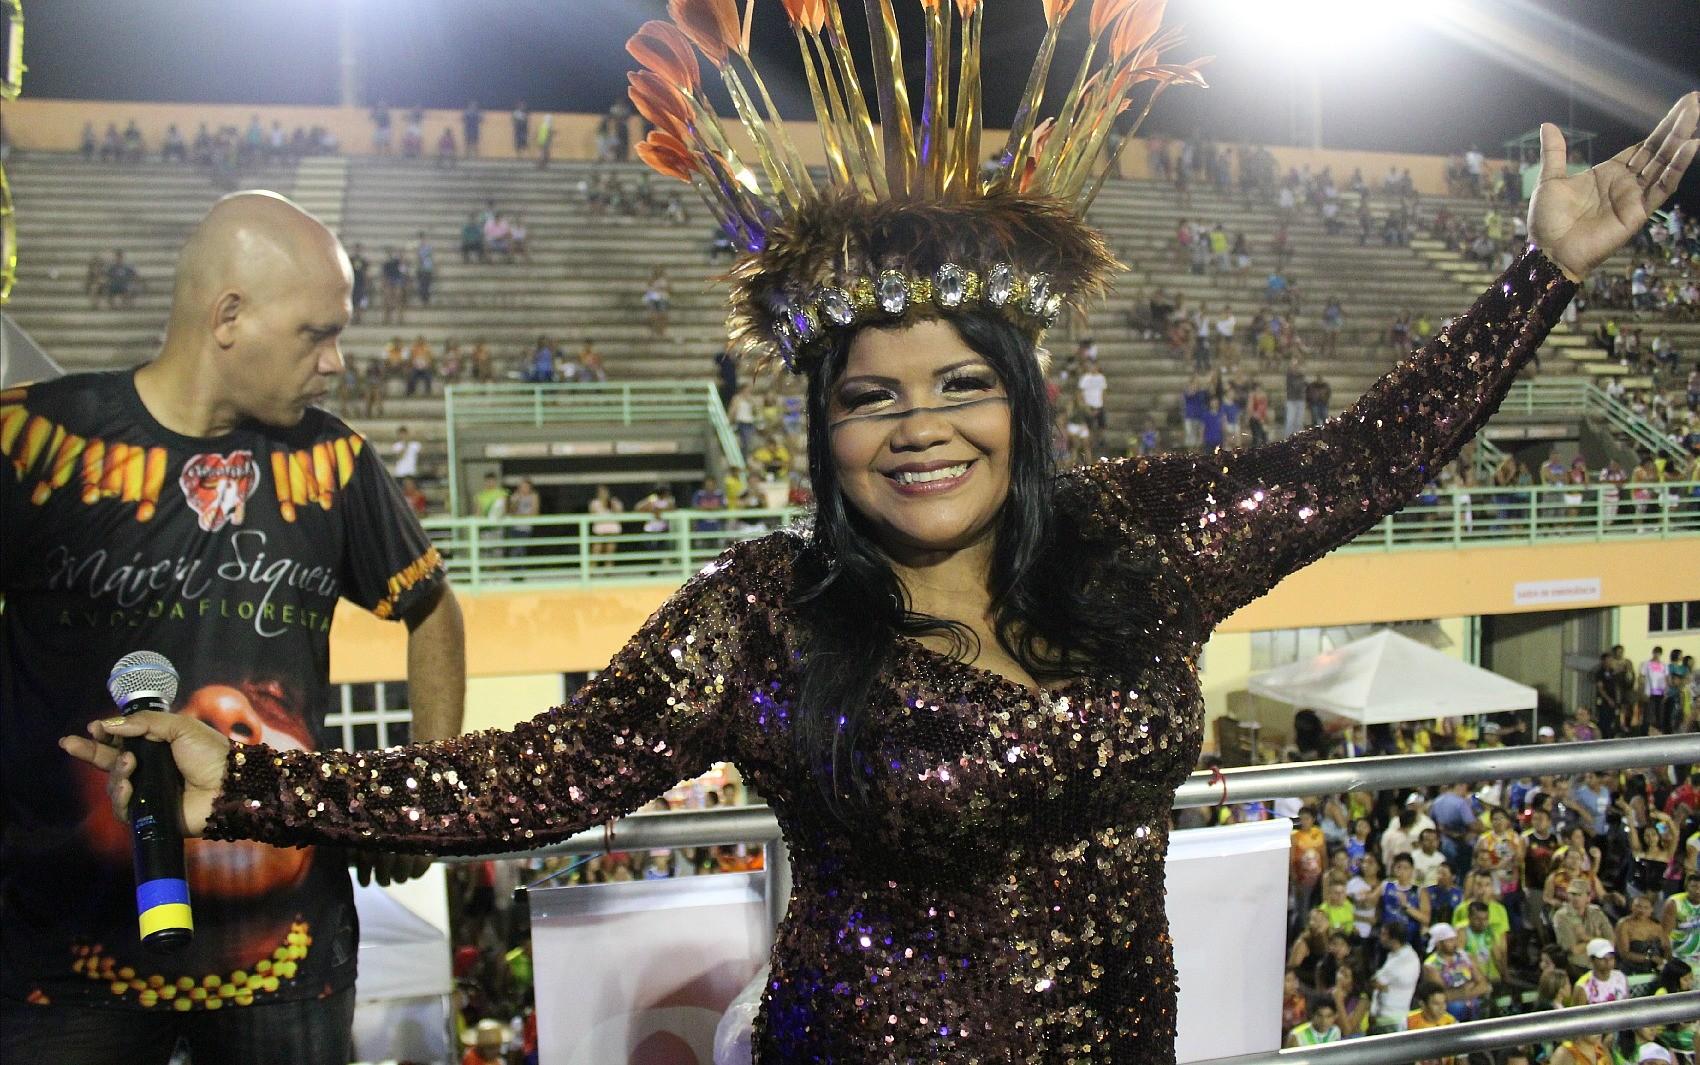 Cantora Márcia Siqueira é a primeira mulher a sair em um trio no Carnaboi (Foto: Marcos Dantas/G1 AM)